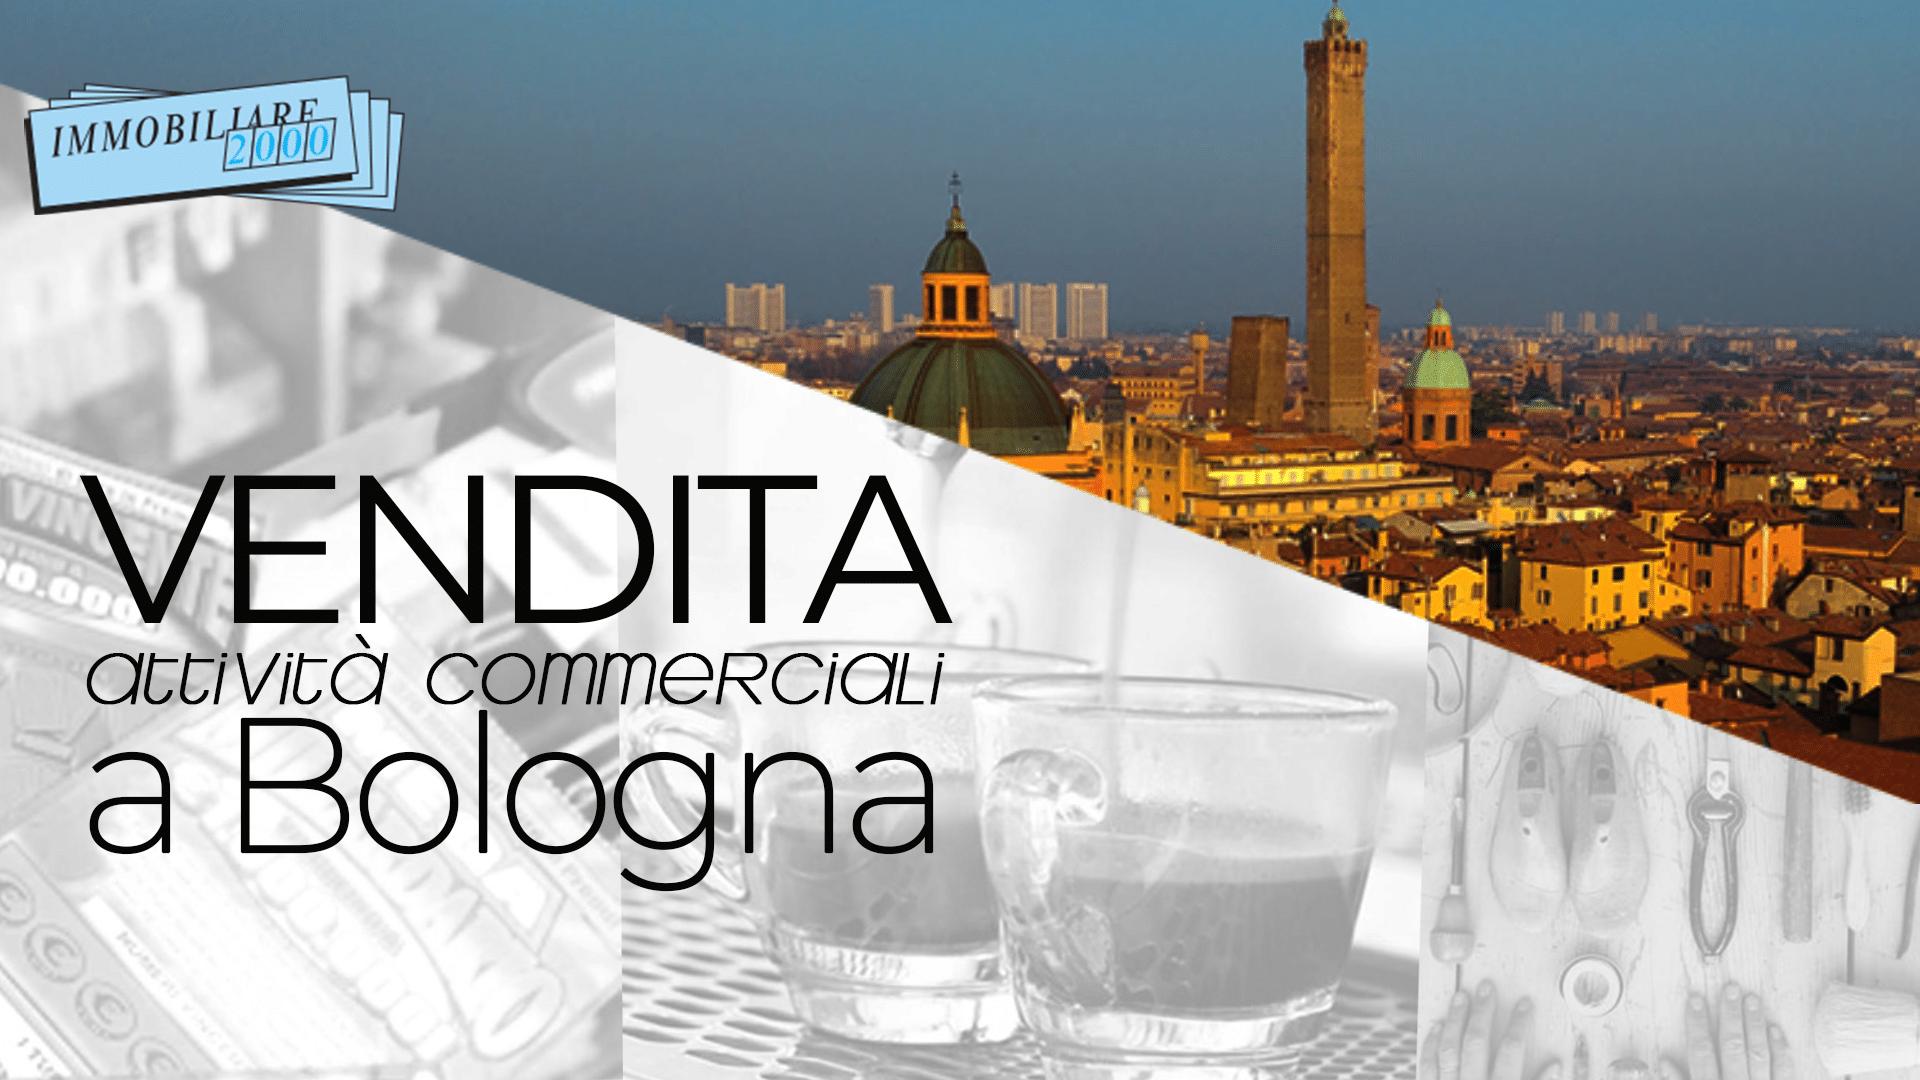 Agenzia vendita attività commerciali Bologna   Immobiliare ...